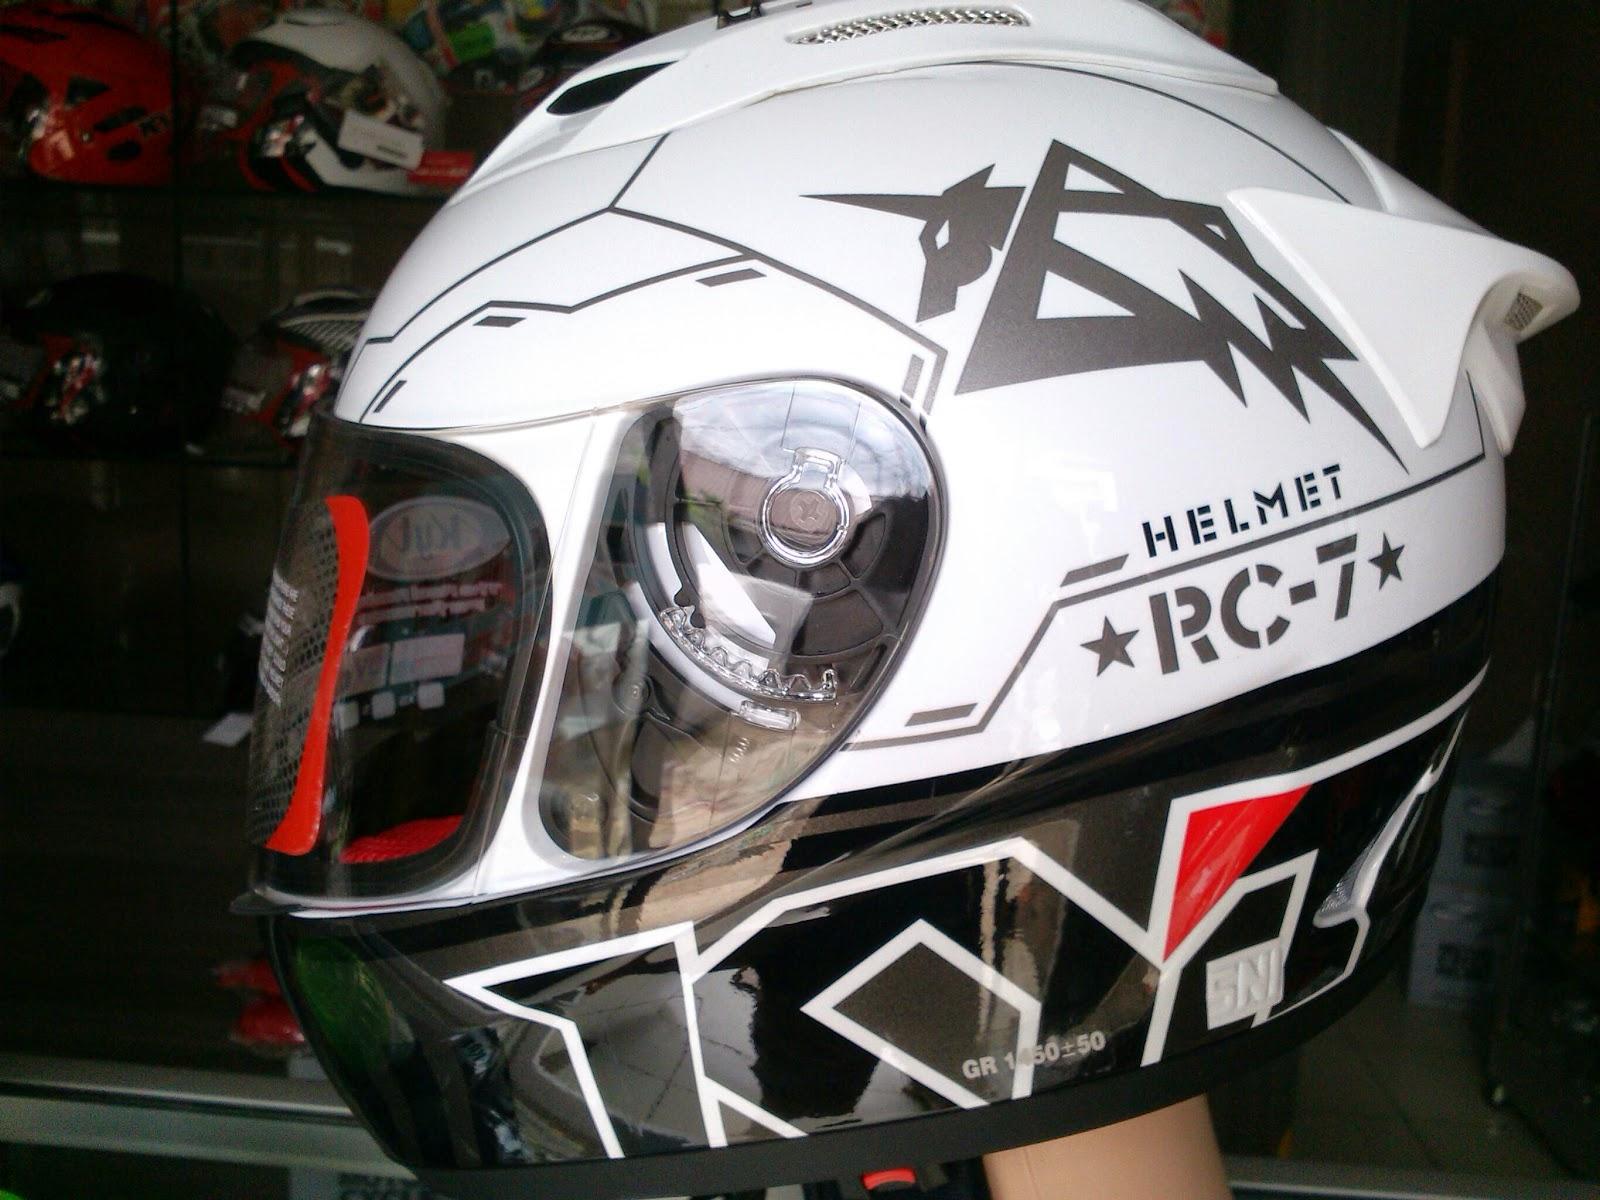 Jual Helm Motor Full Face Fullface KYT RC7 SEVEN #11 Black White Murah - Ice